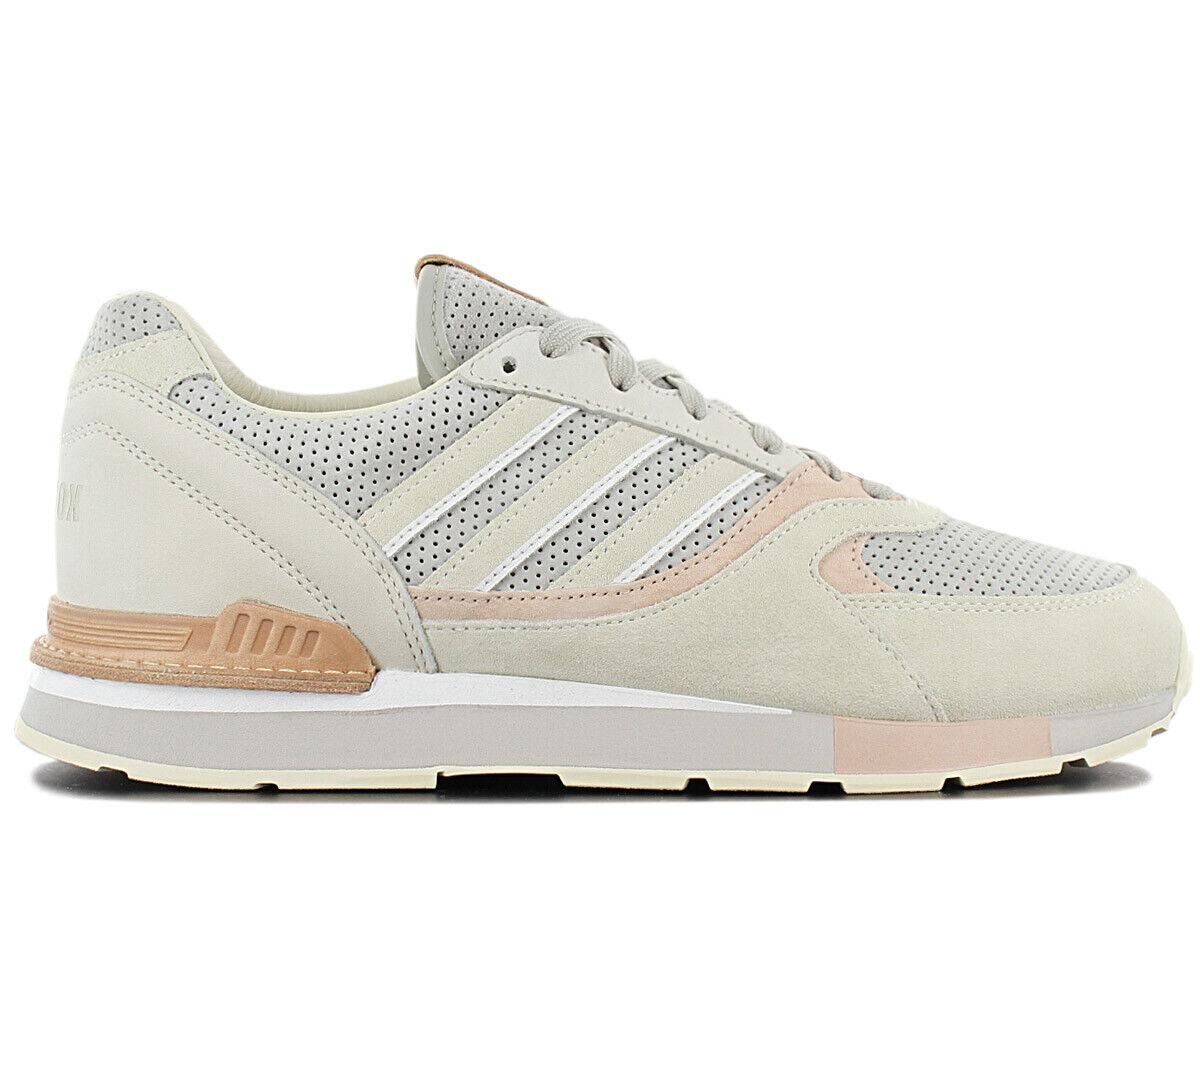 Adidas Consortium Quesence x Solebox Herren Turnschuhe Schuhe DB1785 Turnschuhe NEU